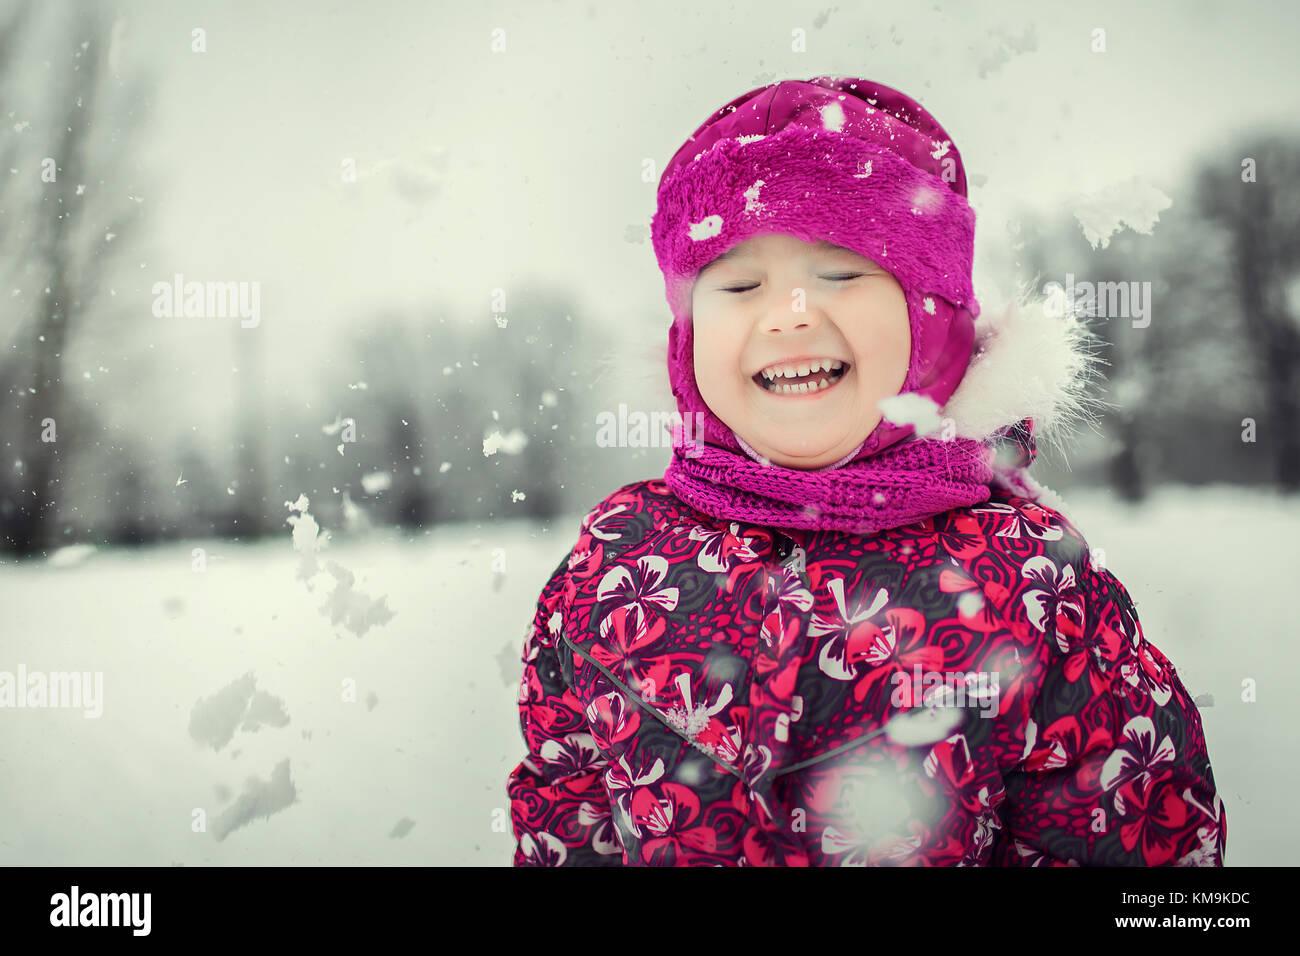 Criança brincando com flocos de neve no inverno floresta Imagens de Stock